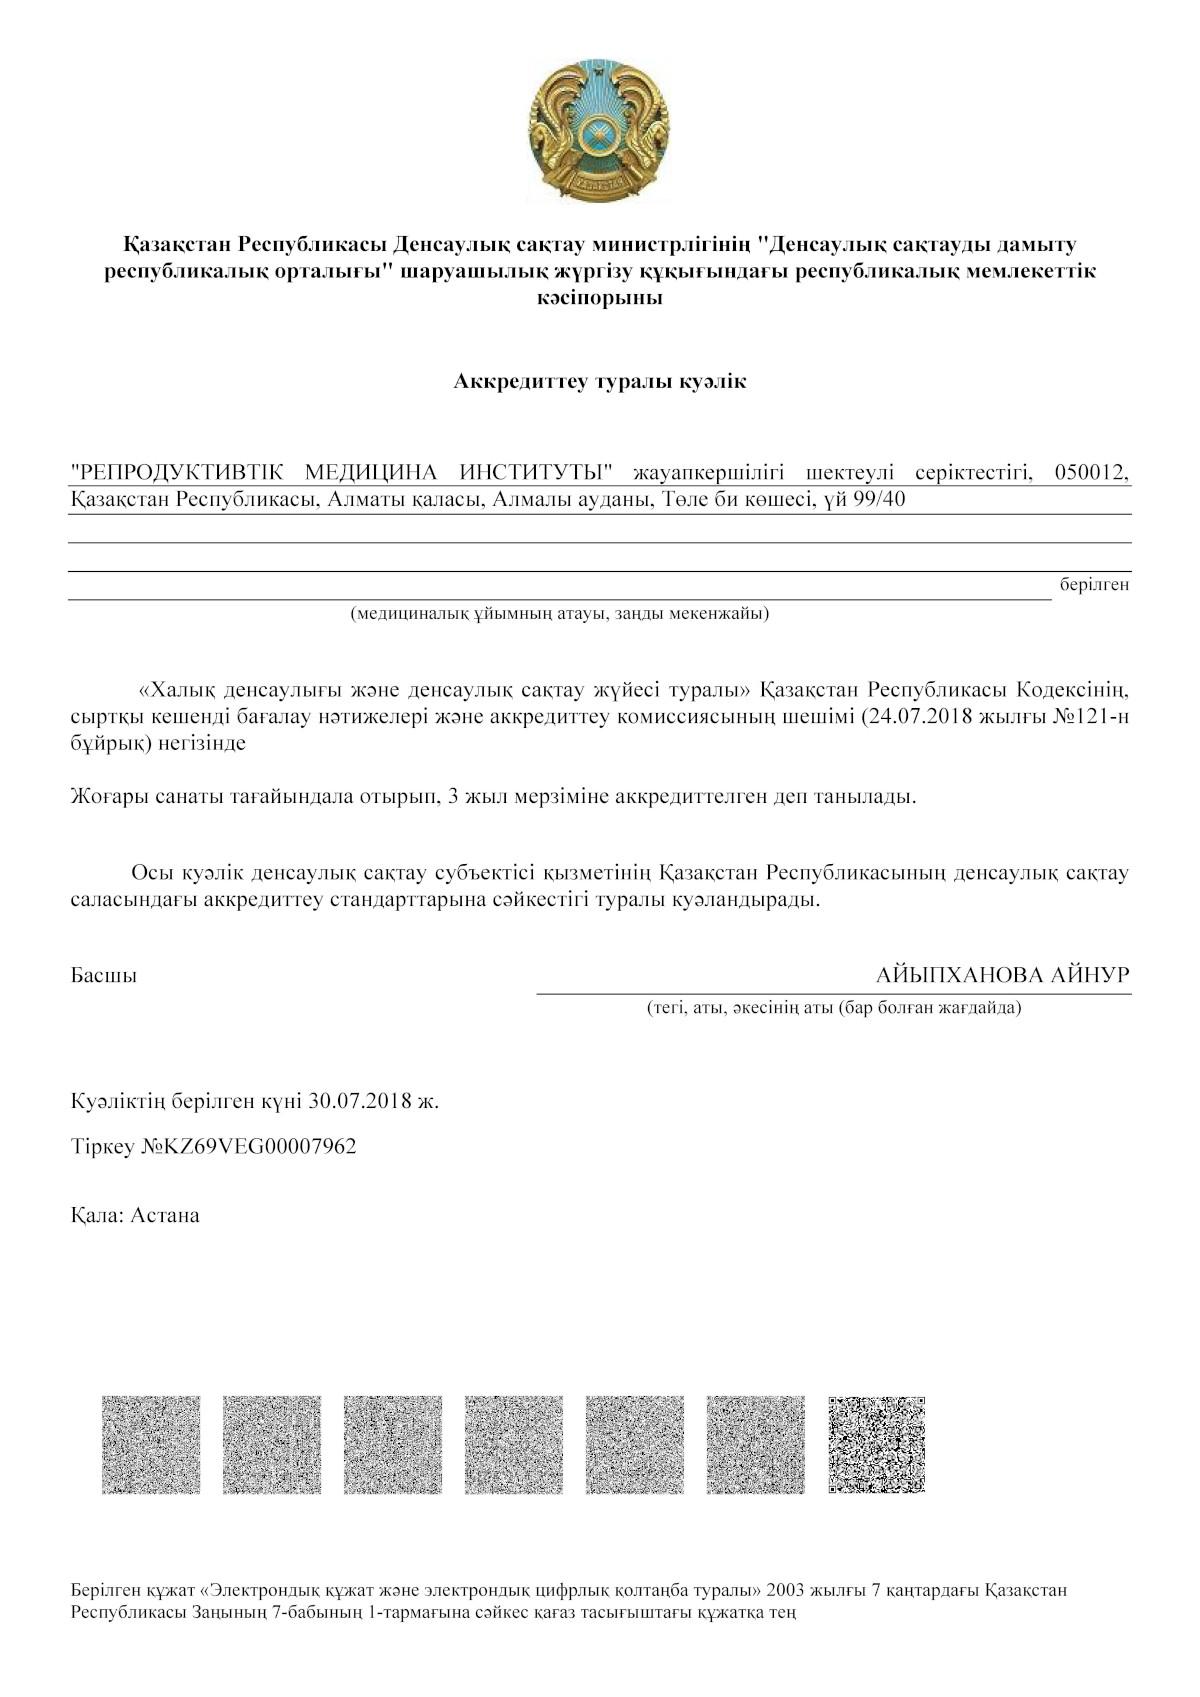 Лицензии, сертификаты фото 2